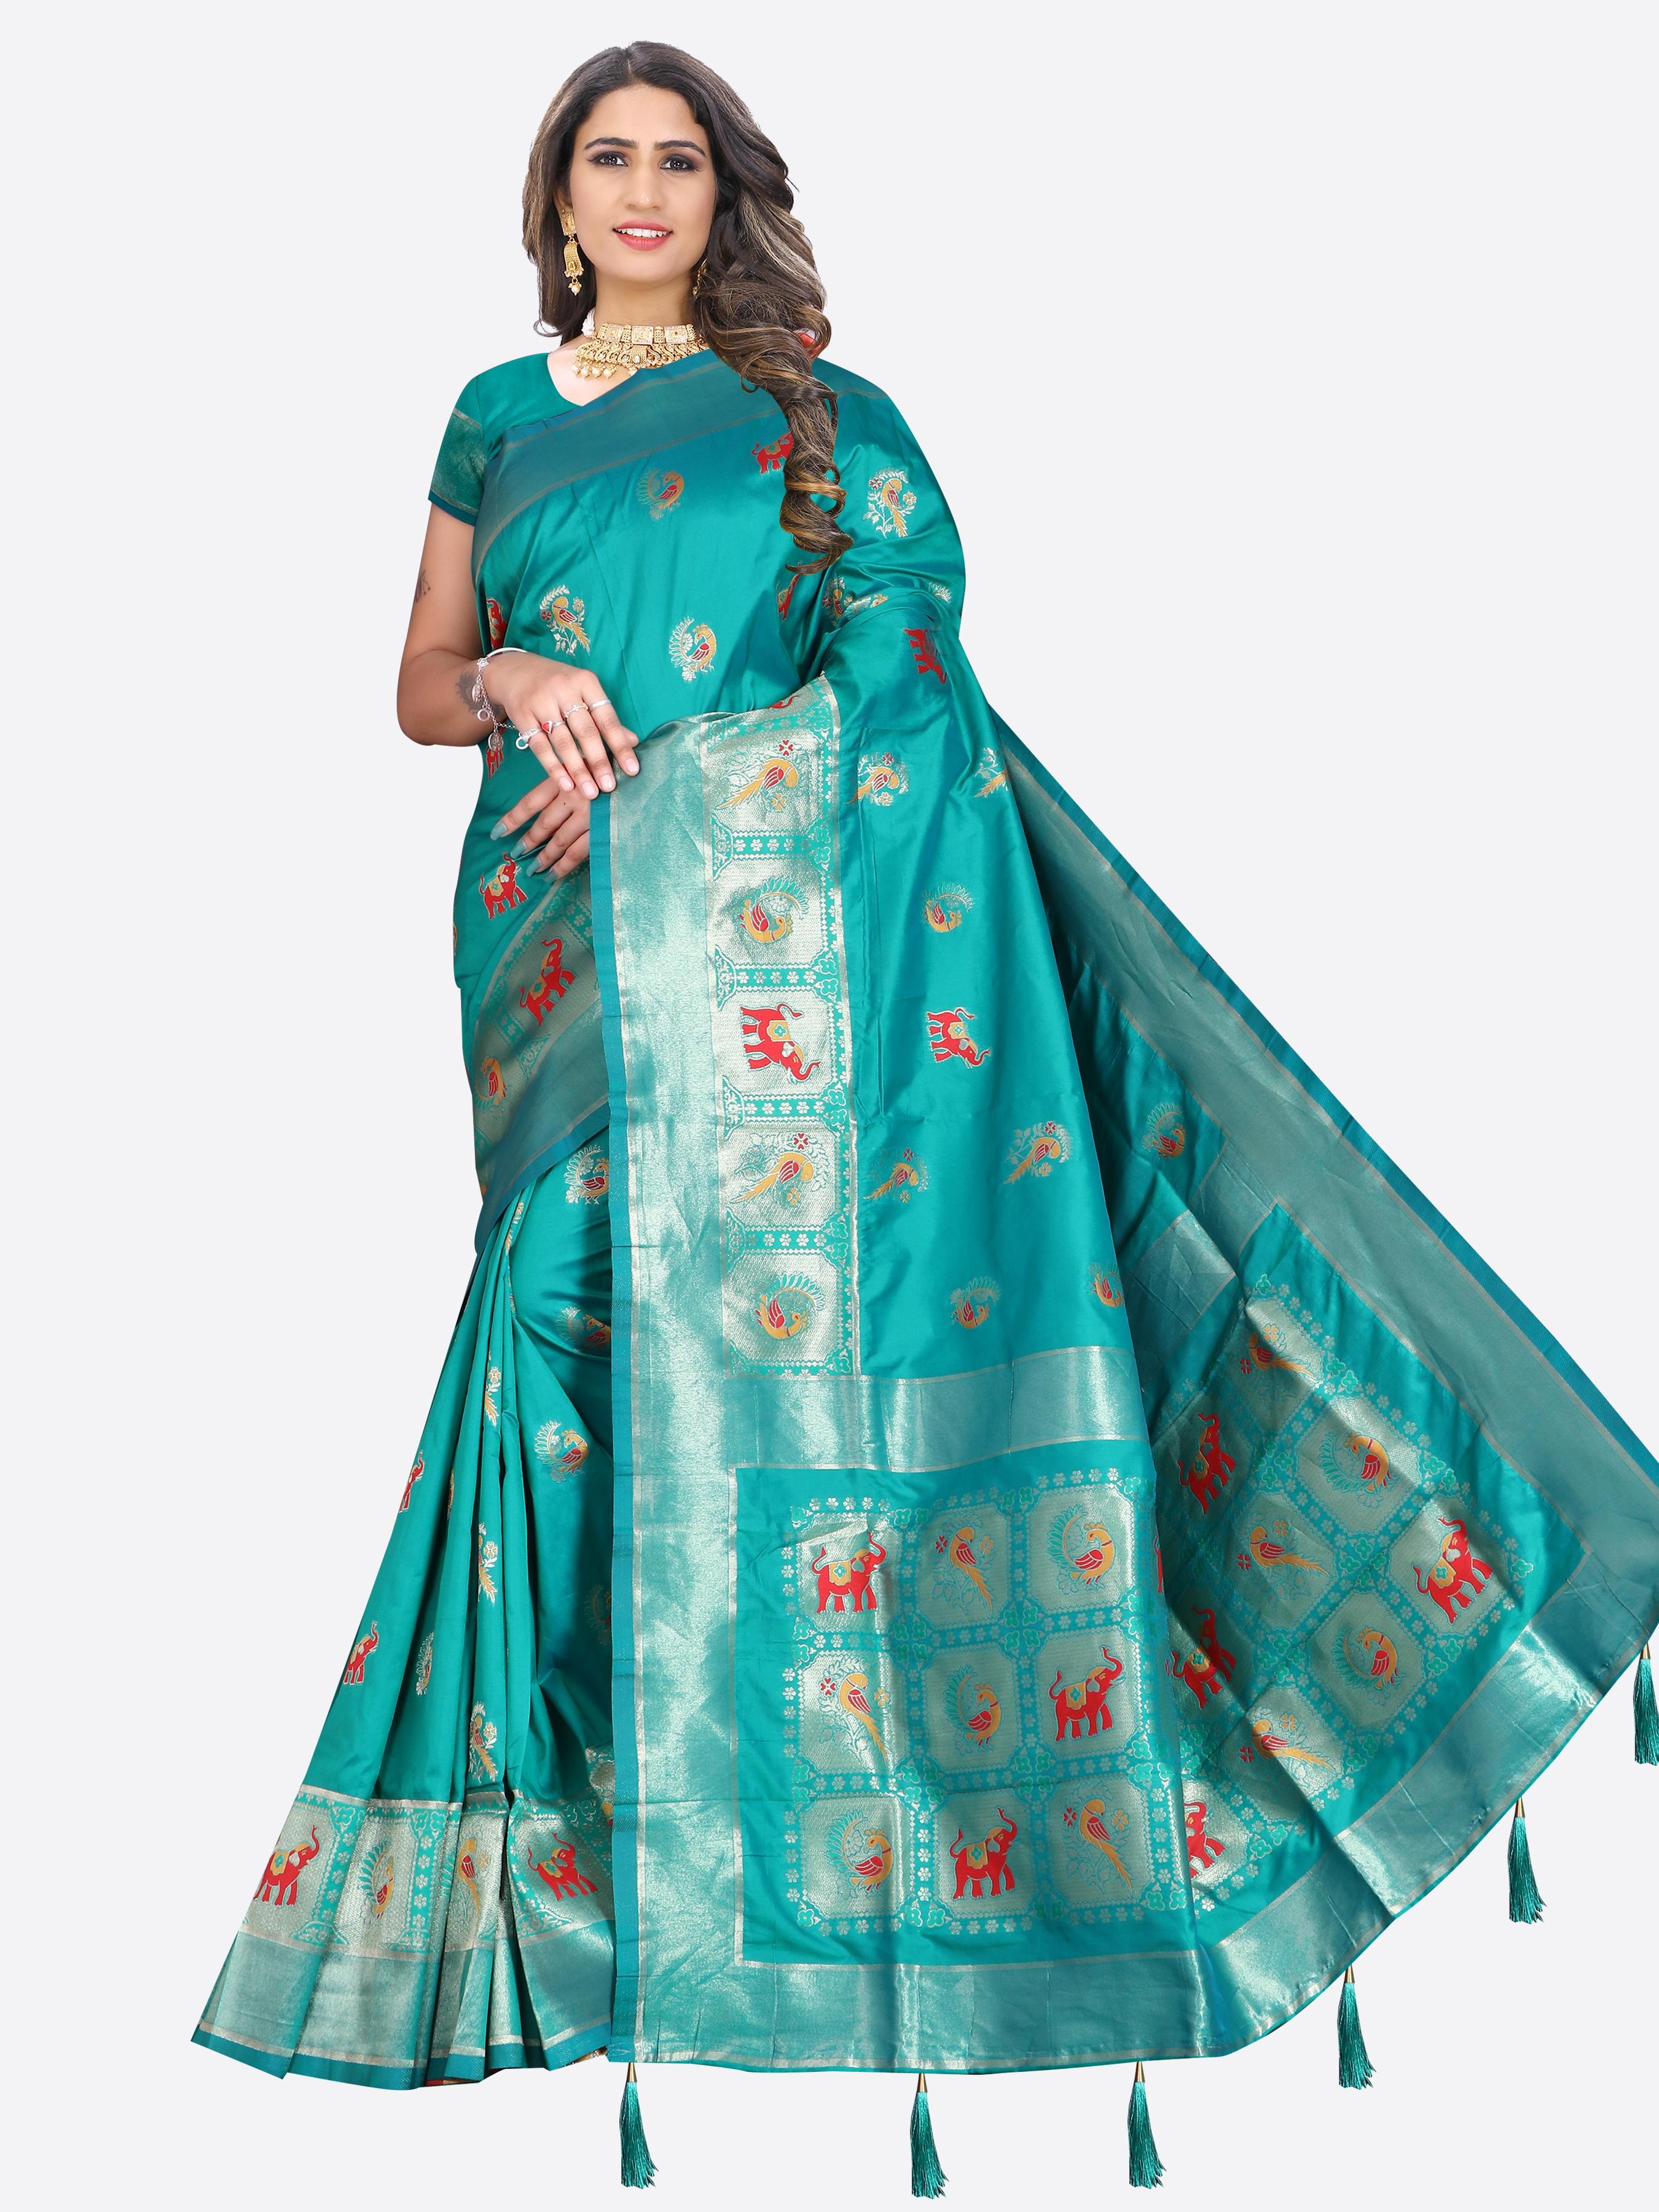 Glemora   Glemora Saree for Women Banarasi Silk With Blouse, Women Silk Sarees ( Green )